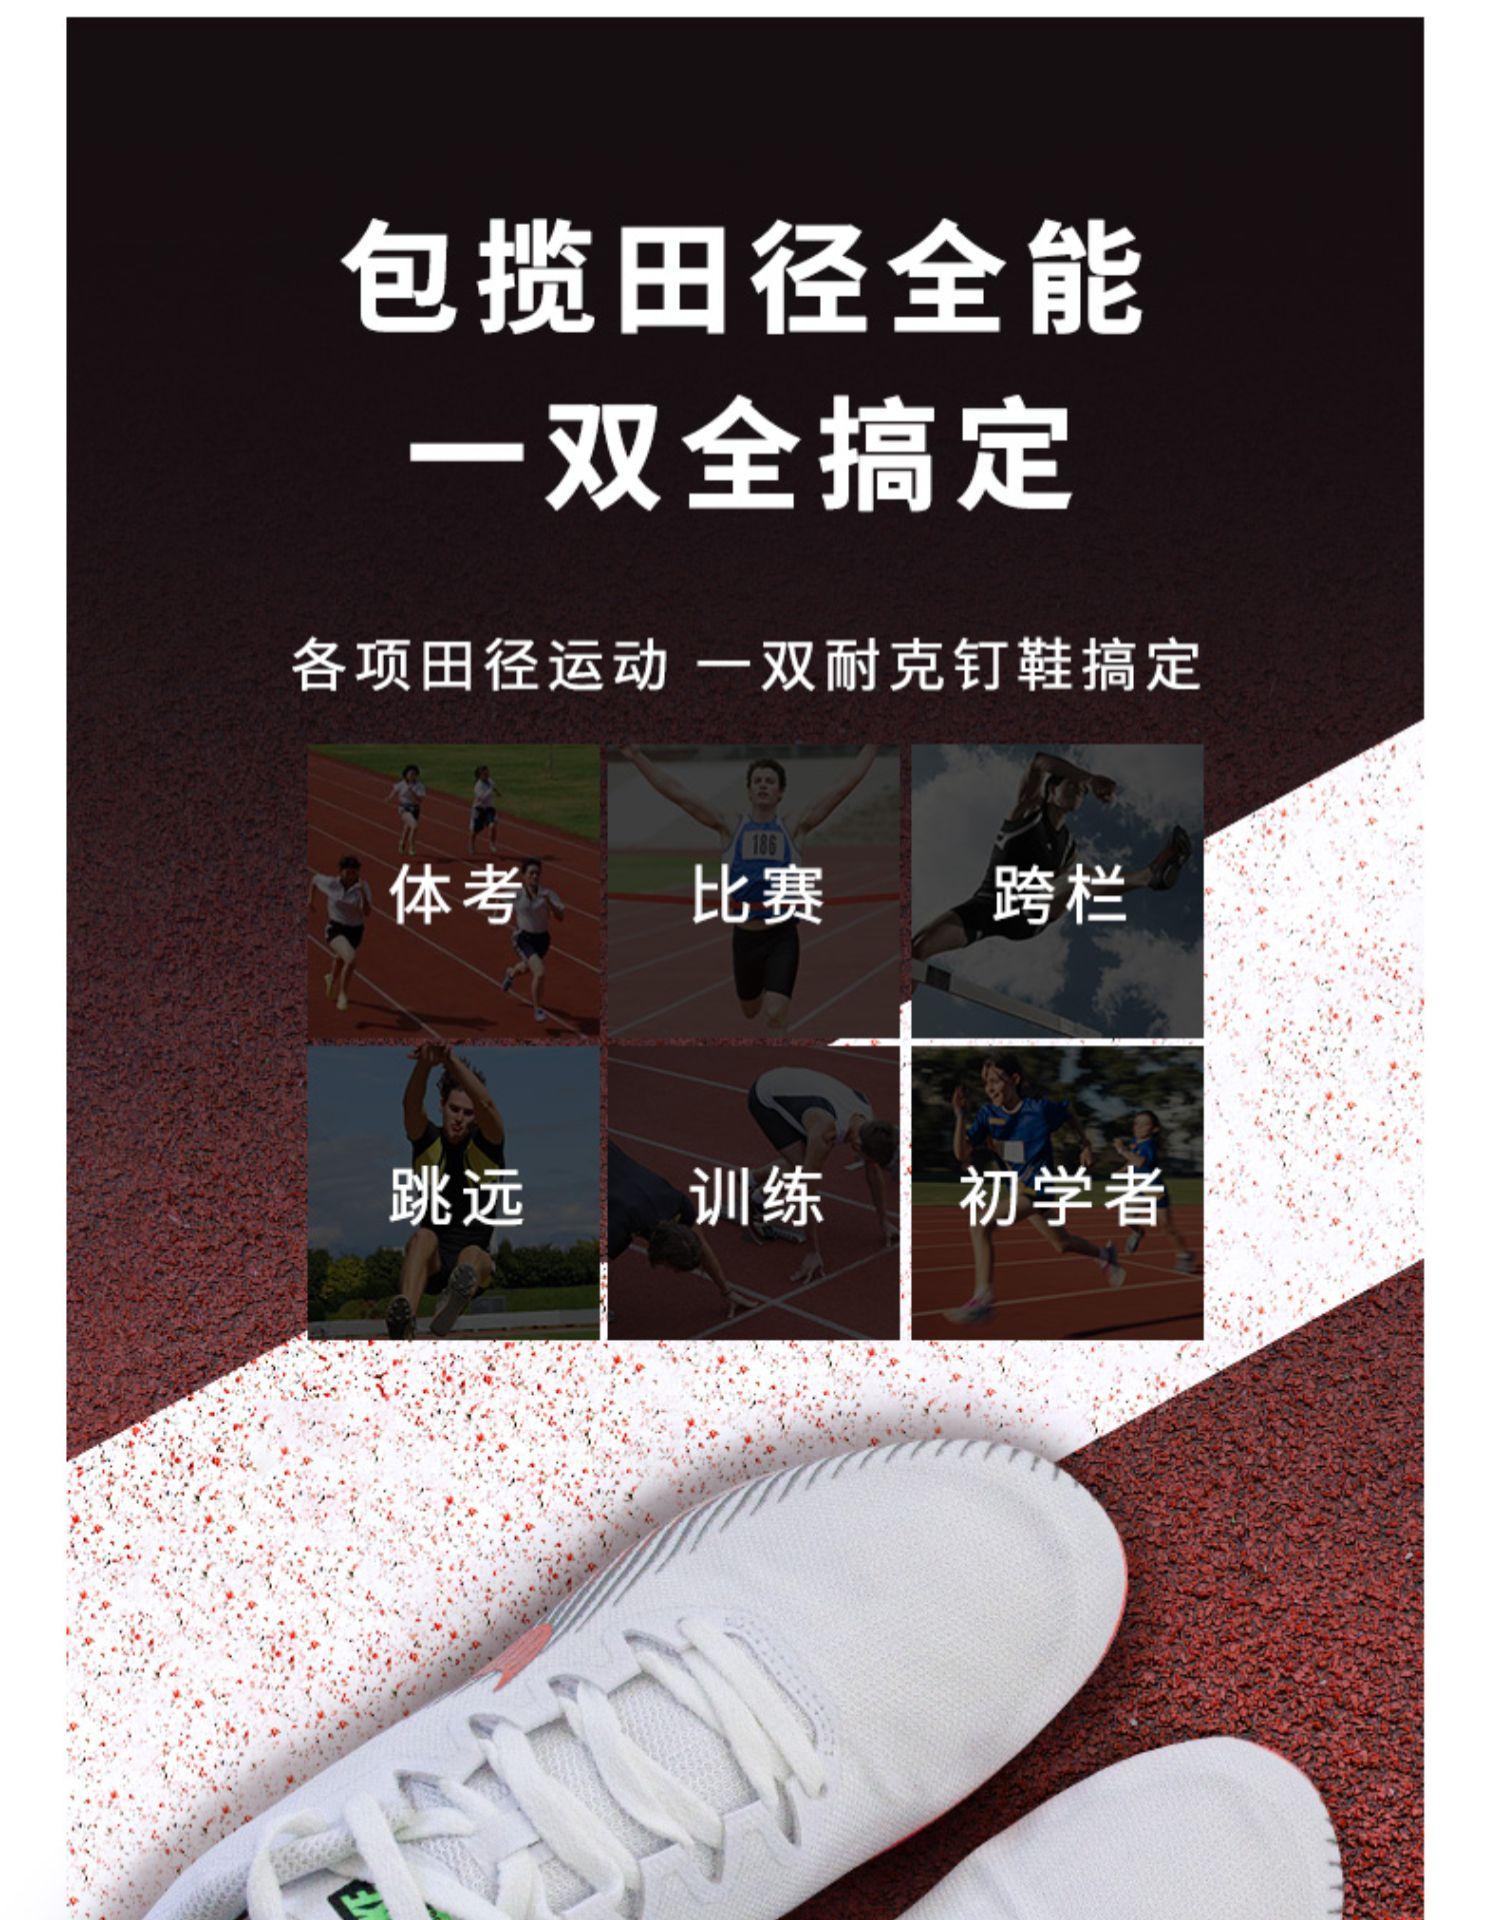 耐克钉鞋田径短跑男体育生钉子鞋女专业训练学生跑鞋详细照片